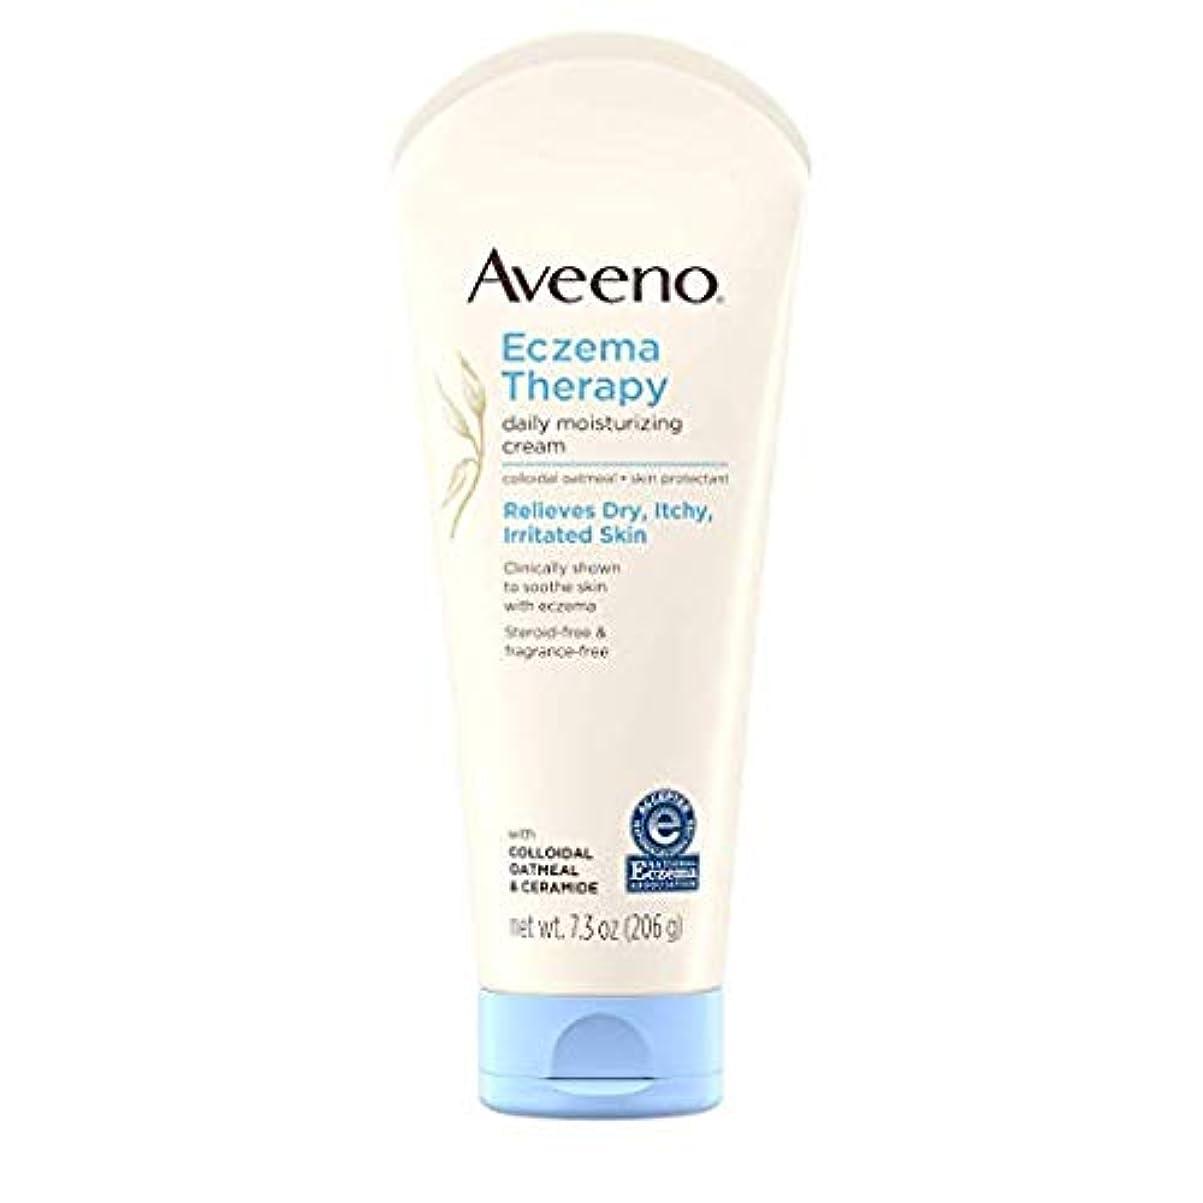 曖昧な人柄おめでとうAveeno - Eczema Therapy Moisturizing Cream - 7.3 oz (206 g) アビーノ 保湿クリーム [並行輸入品]